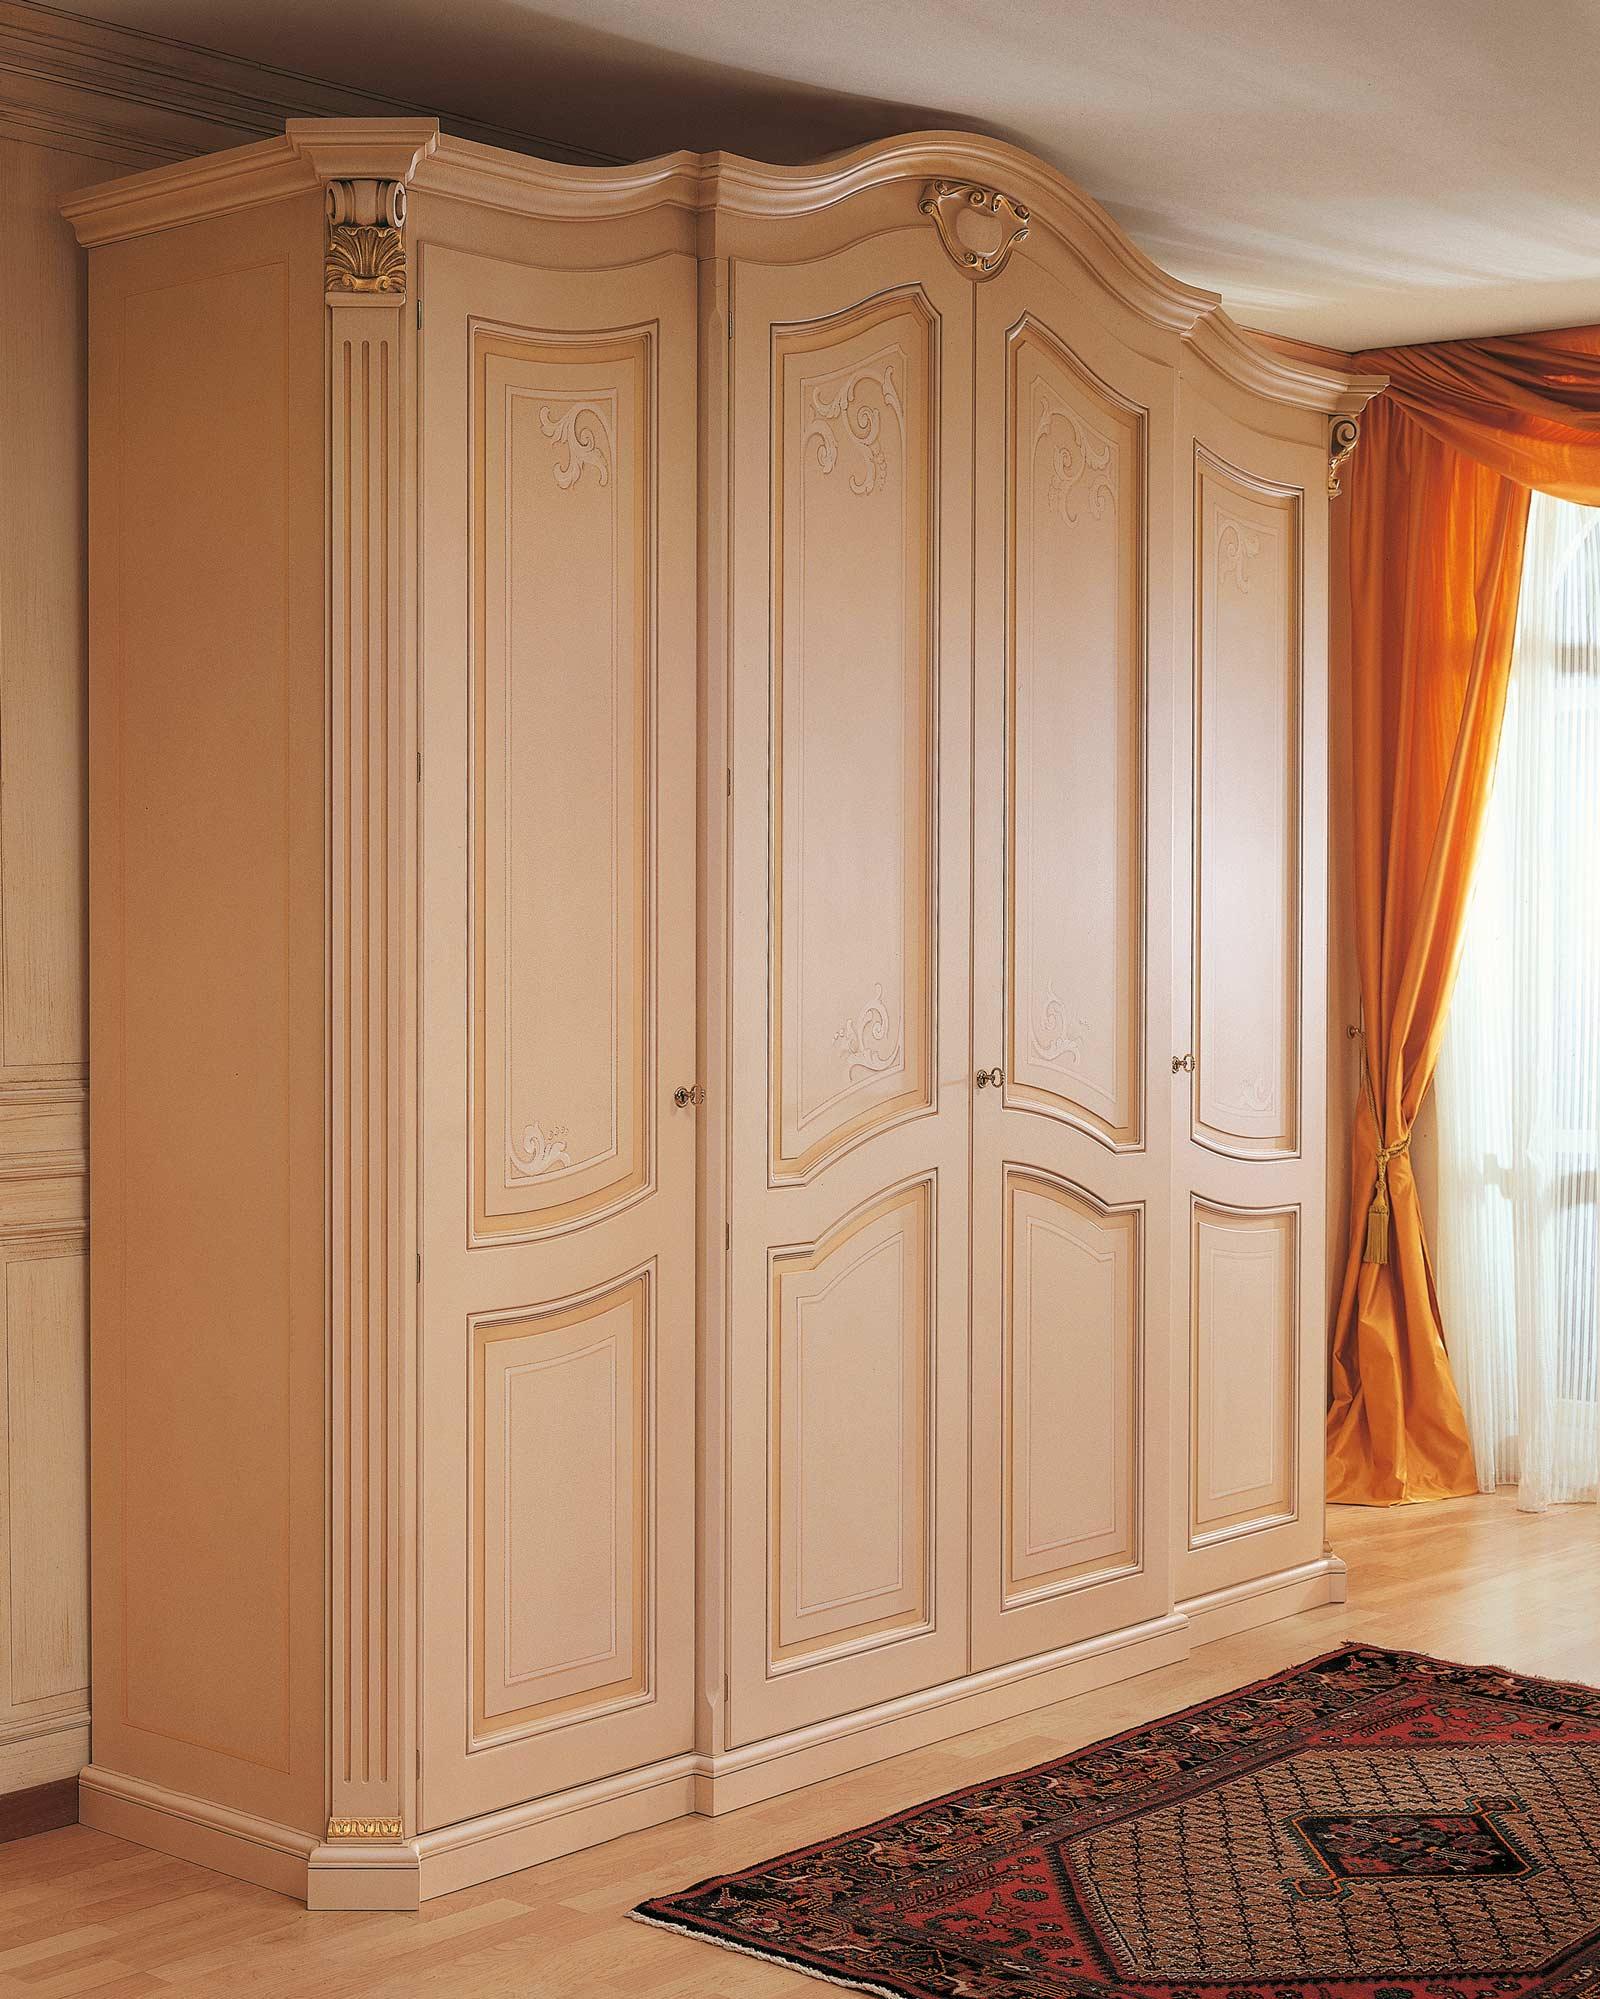 Armoire dans le style classique de la collection xviiie - Armoire quatre portes ...